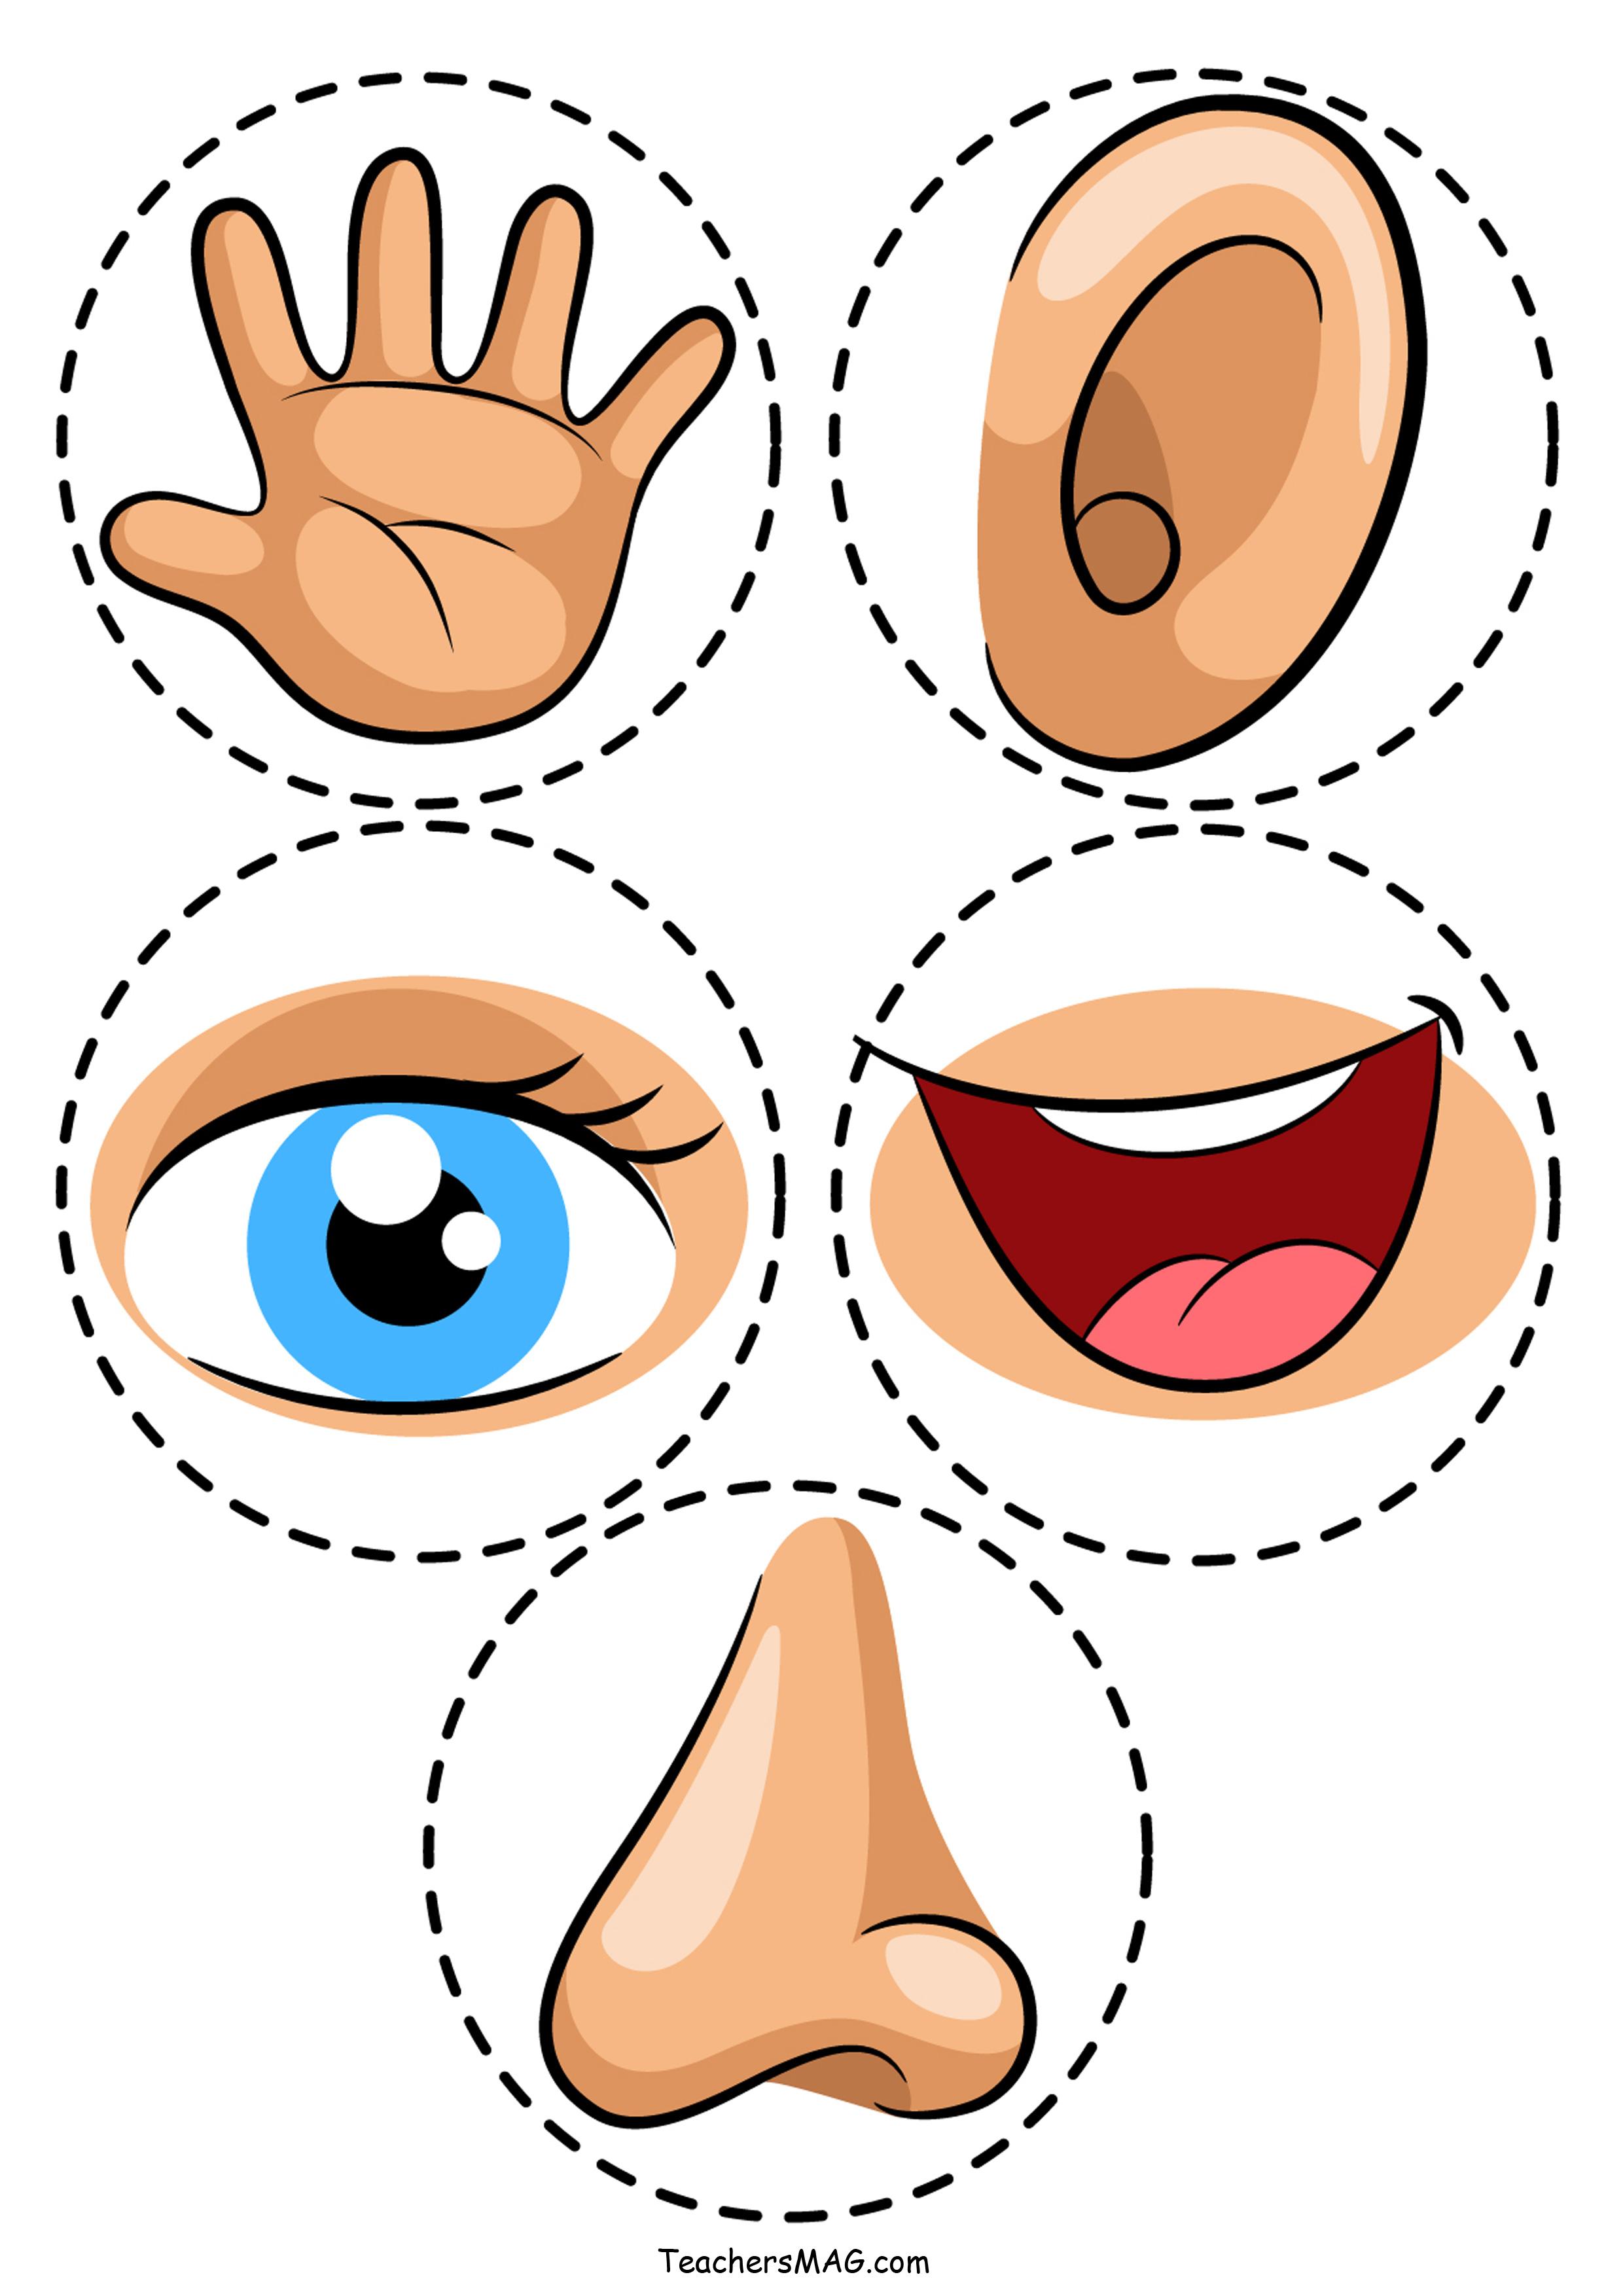 Five Senses Activity For Preschool Students